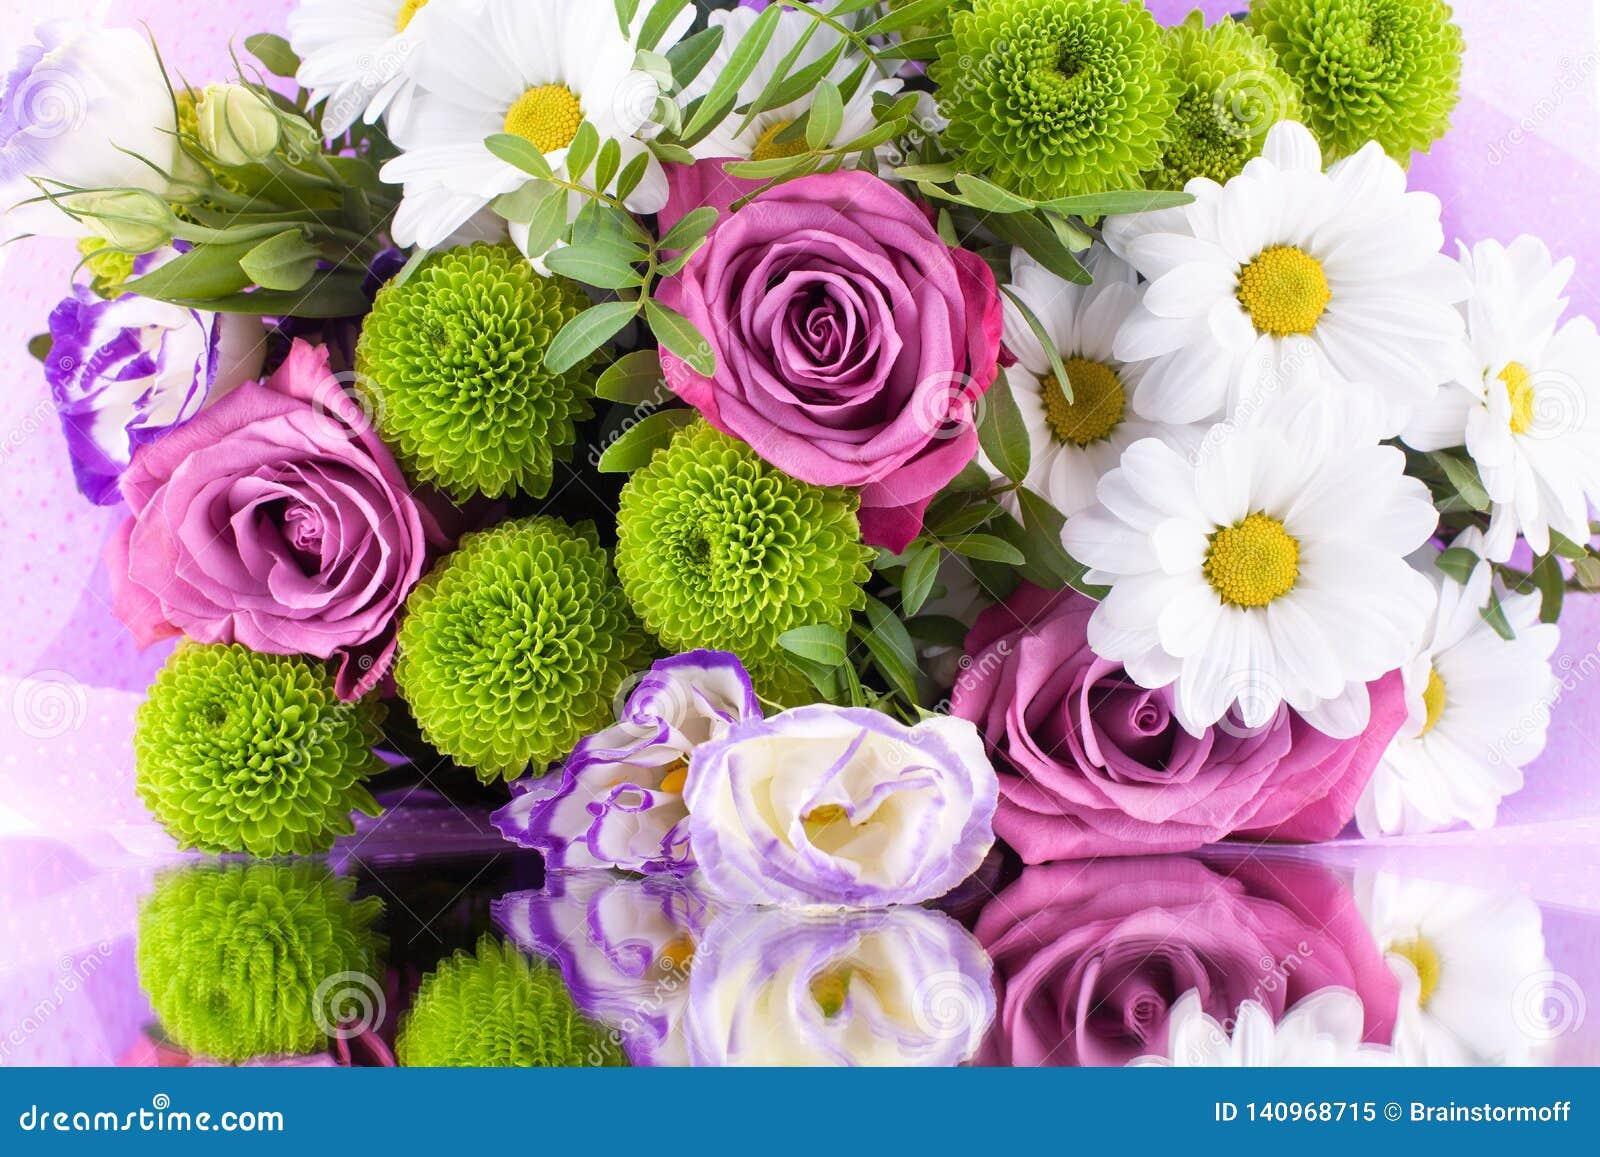 Mazzo delle rose rosa dei fiori, crisantemi bianchi con le foglie verdi sulla fine isolata fondo bianco su